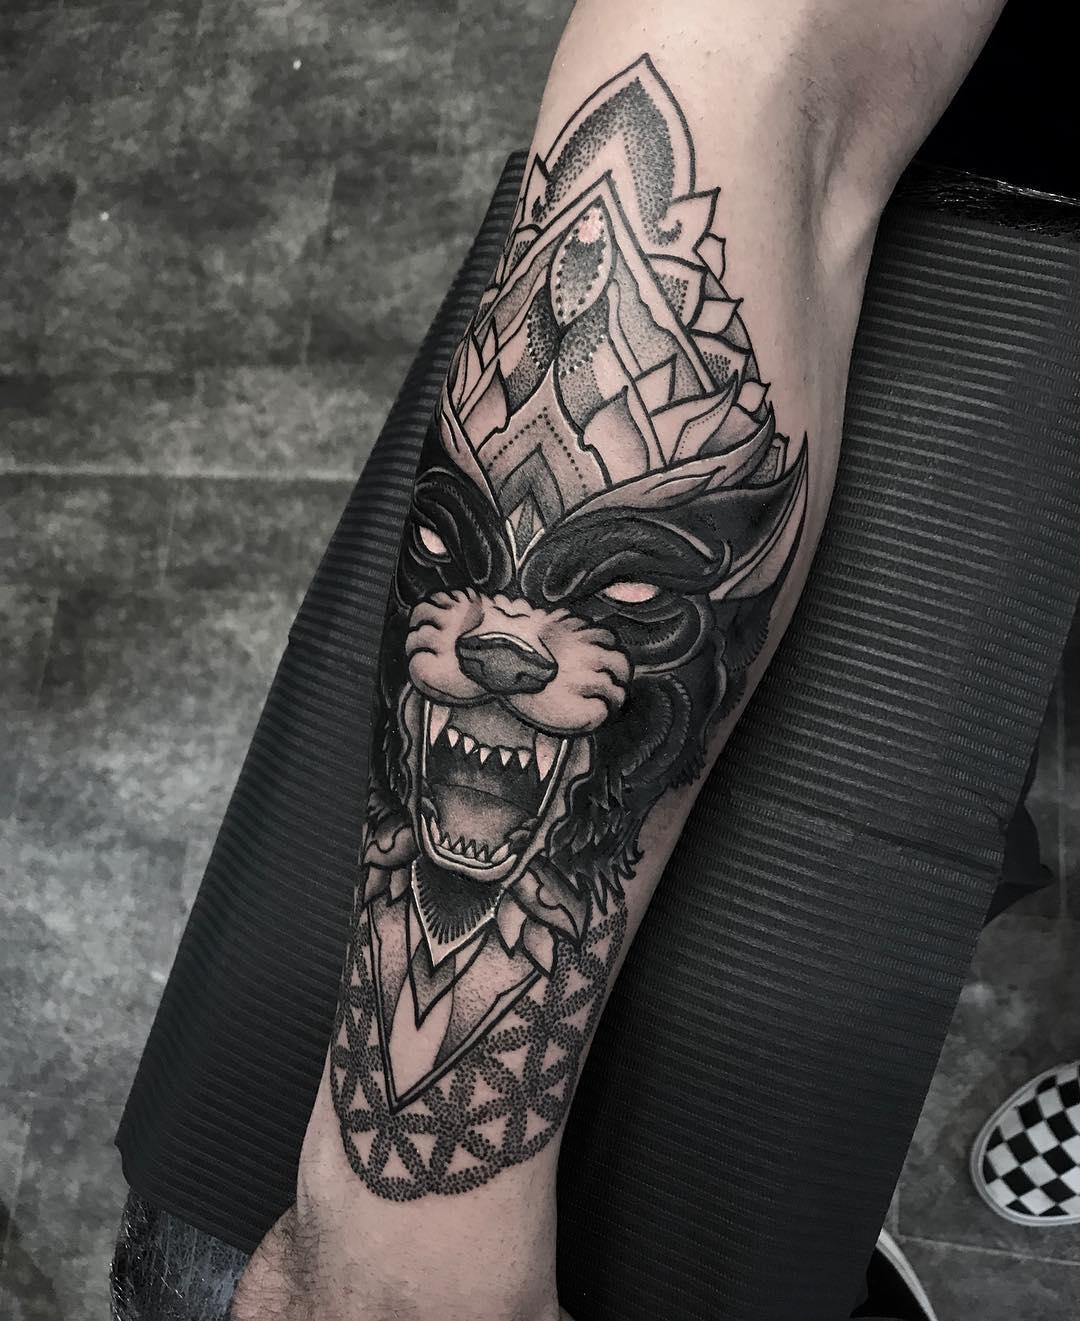 深圳纹彩刺青 纹身图案大全  时间:2019-03-21 14:31